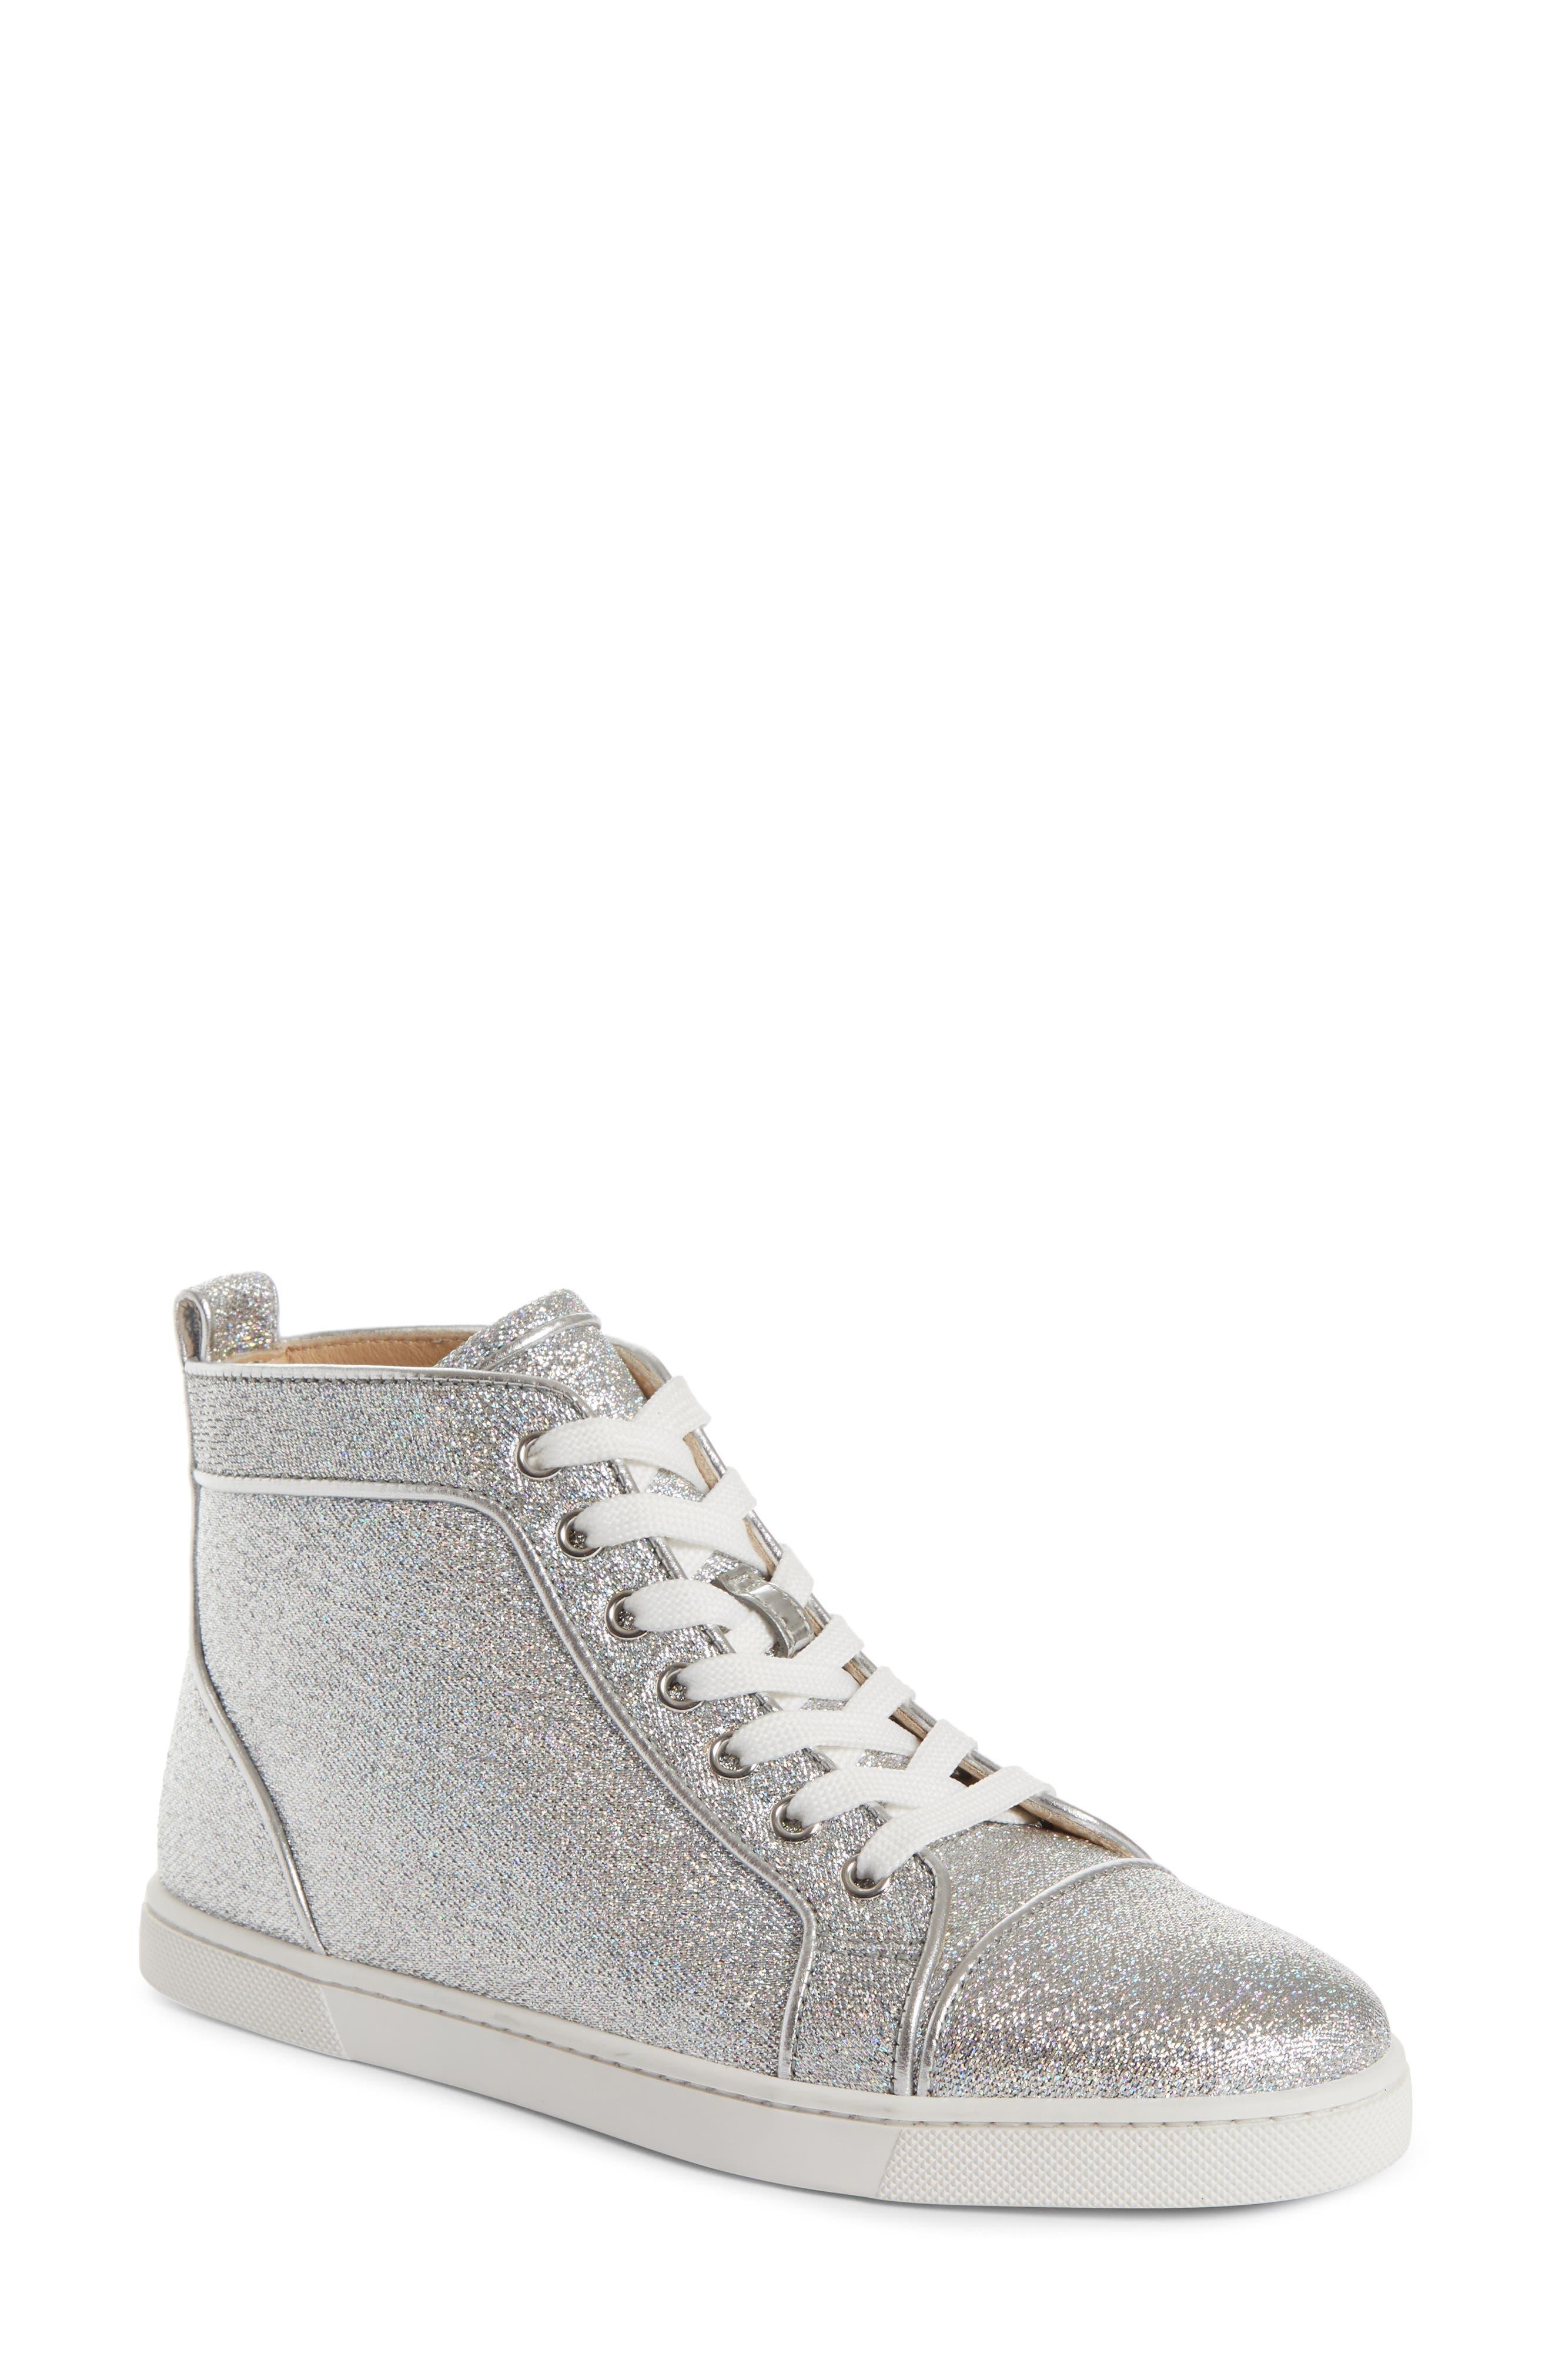 Orlato Metallic High Top Sneaker,                         Main,                         color, 040